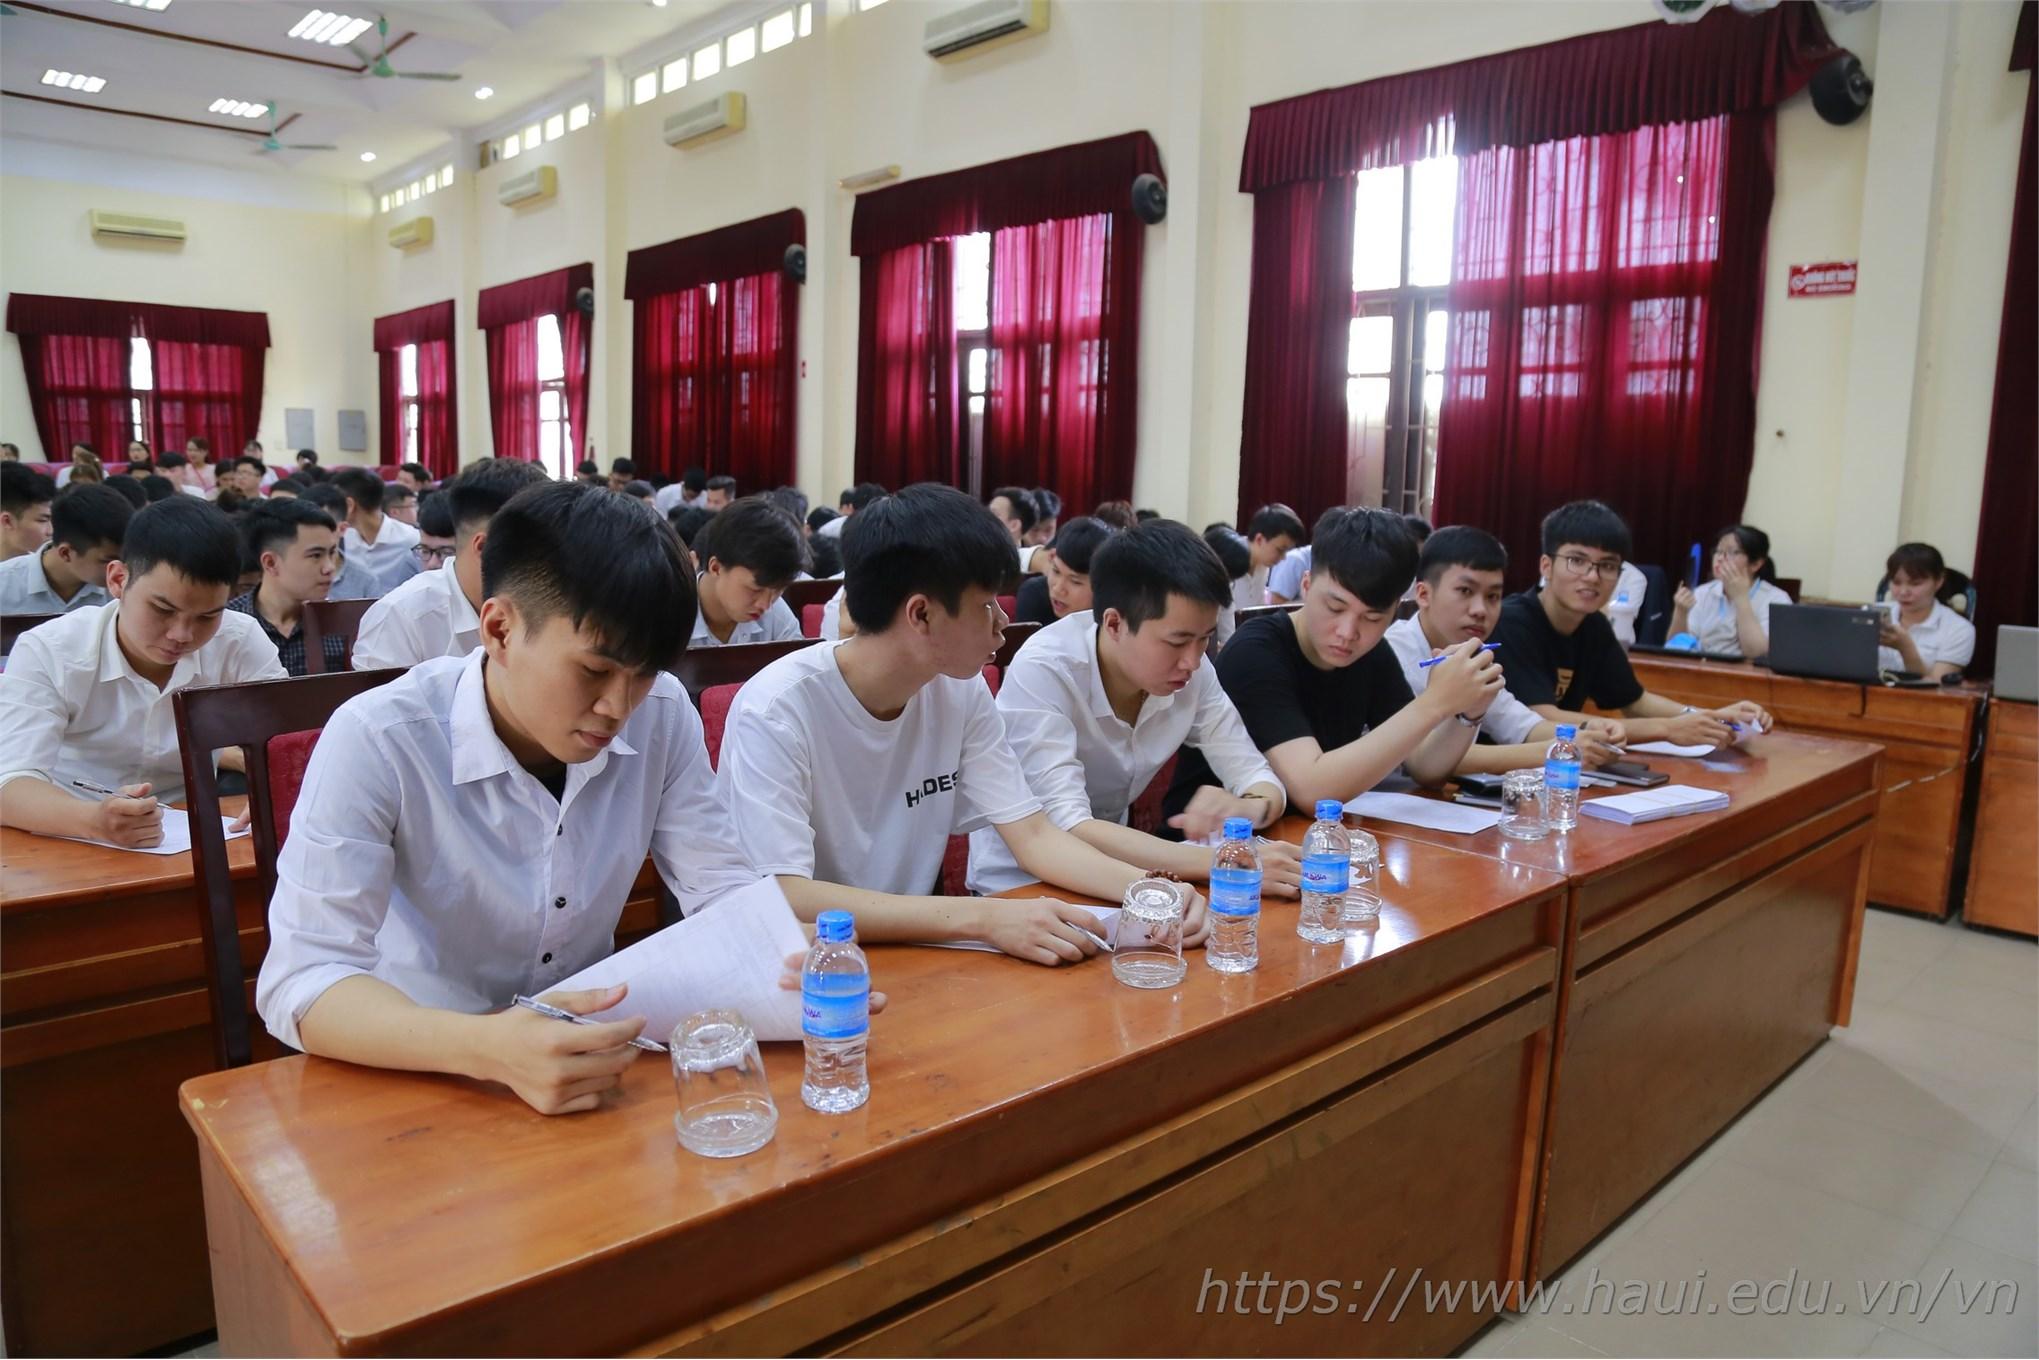 Các bạn sinh viên đang hoàn thiện thủ tục để chuẩn bị cho vòng phỏng vấn đầu tiên do Tập đoàn Hồng Hải trực tiếp tổ chức